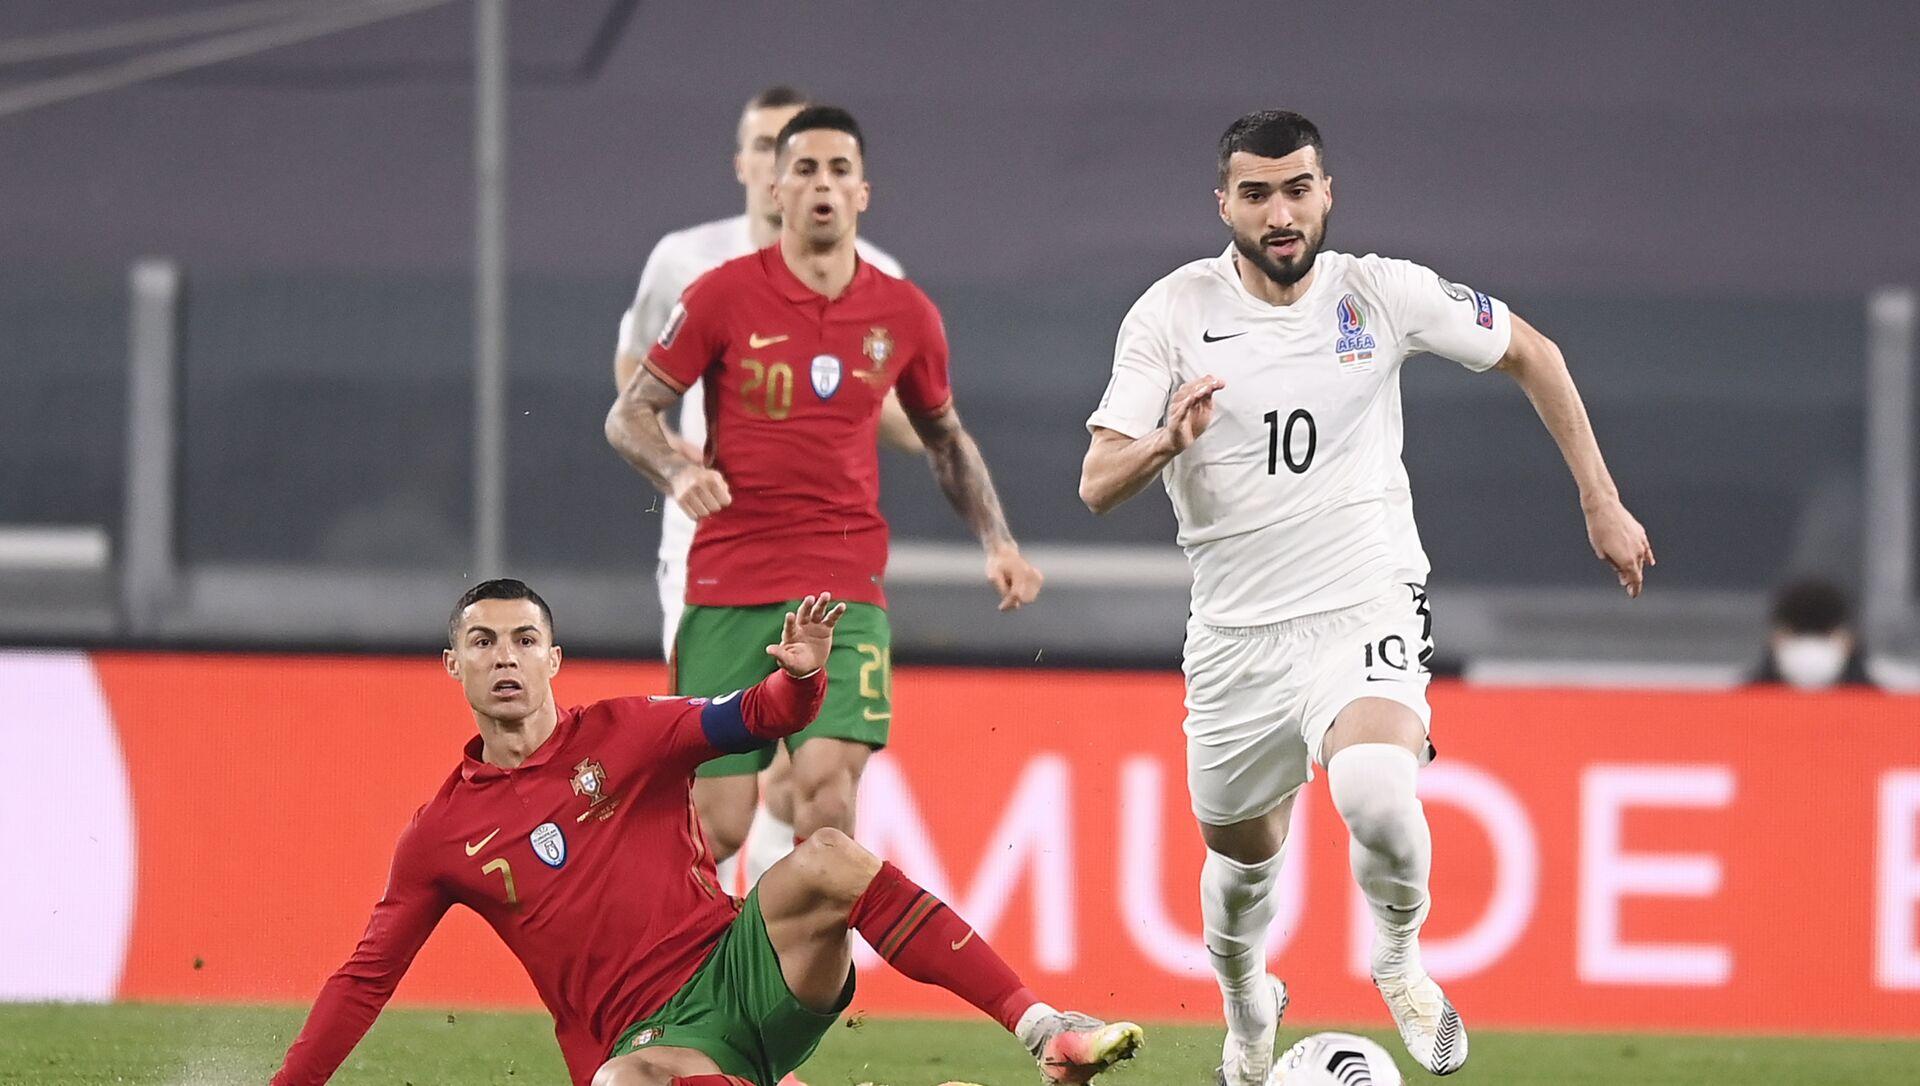 Матч отборочного цикла ЧМ-2022 между сборными Португалии и Азербайджана - Sputnik Азербайджан, 1920, 06.09.2021